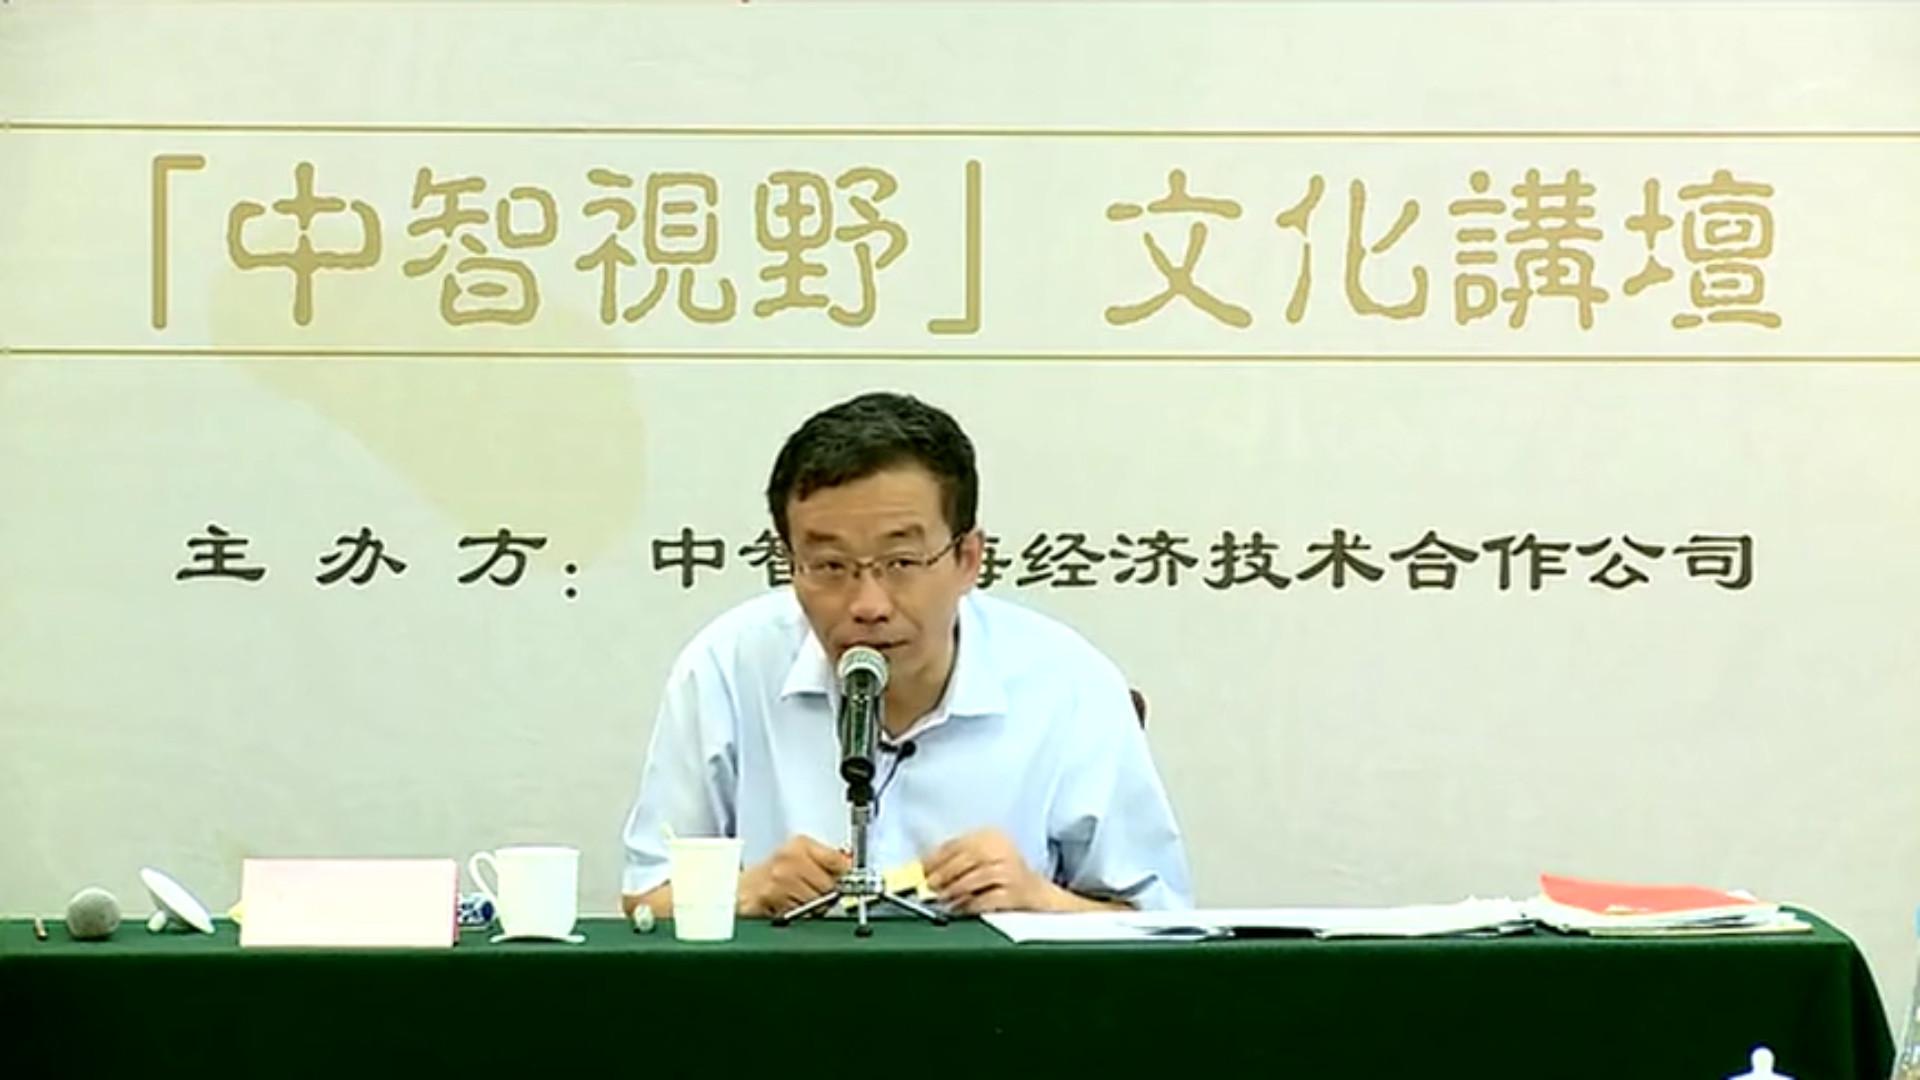 王德峰-王阳明心学-要福利,就在第一福利!